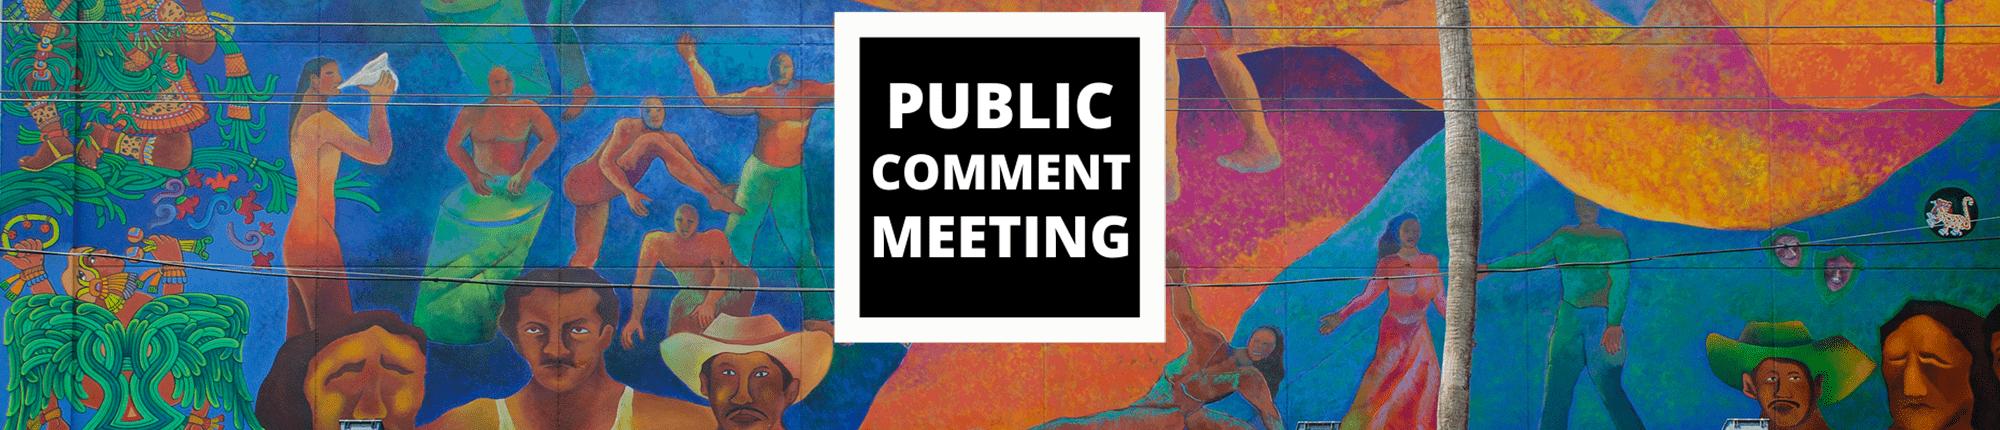 Public Comment Meeting